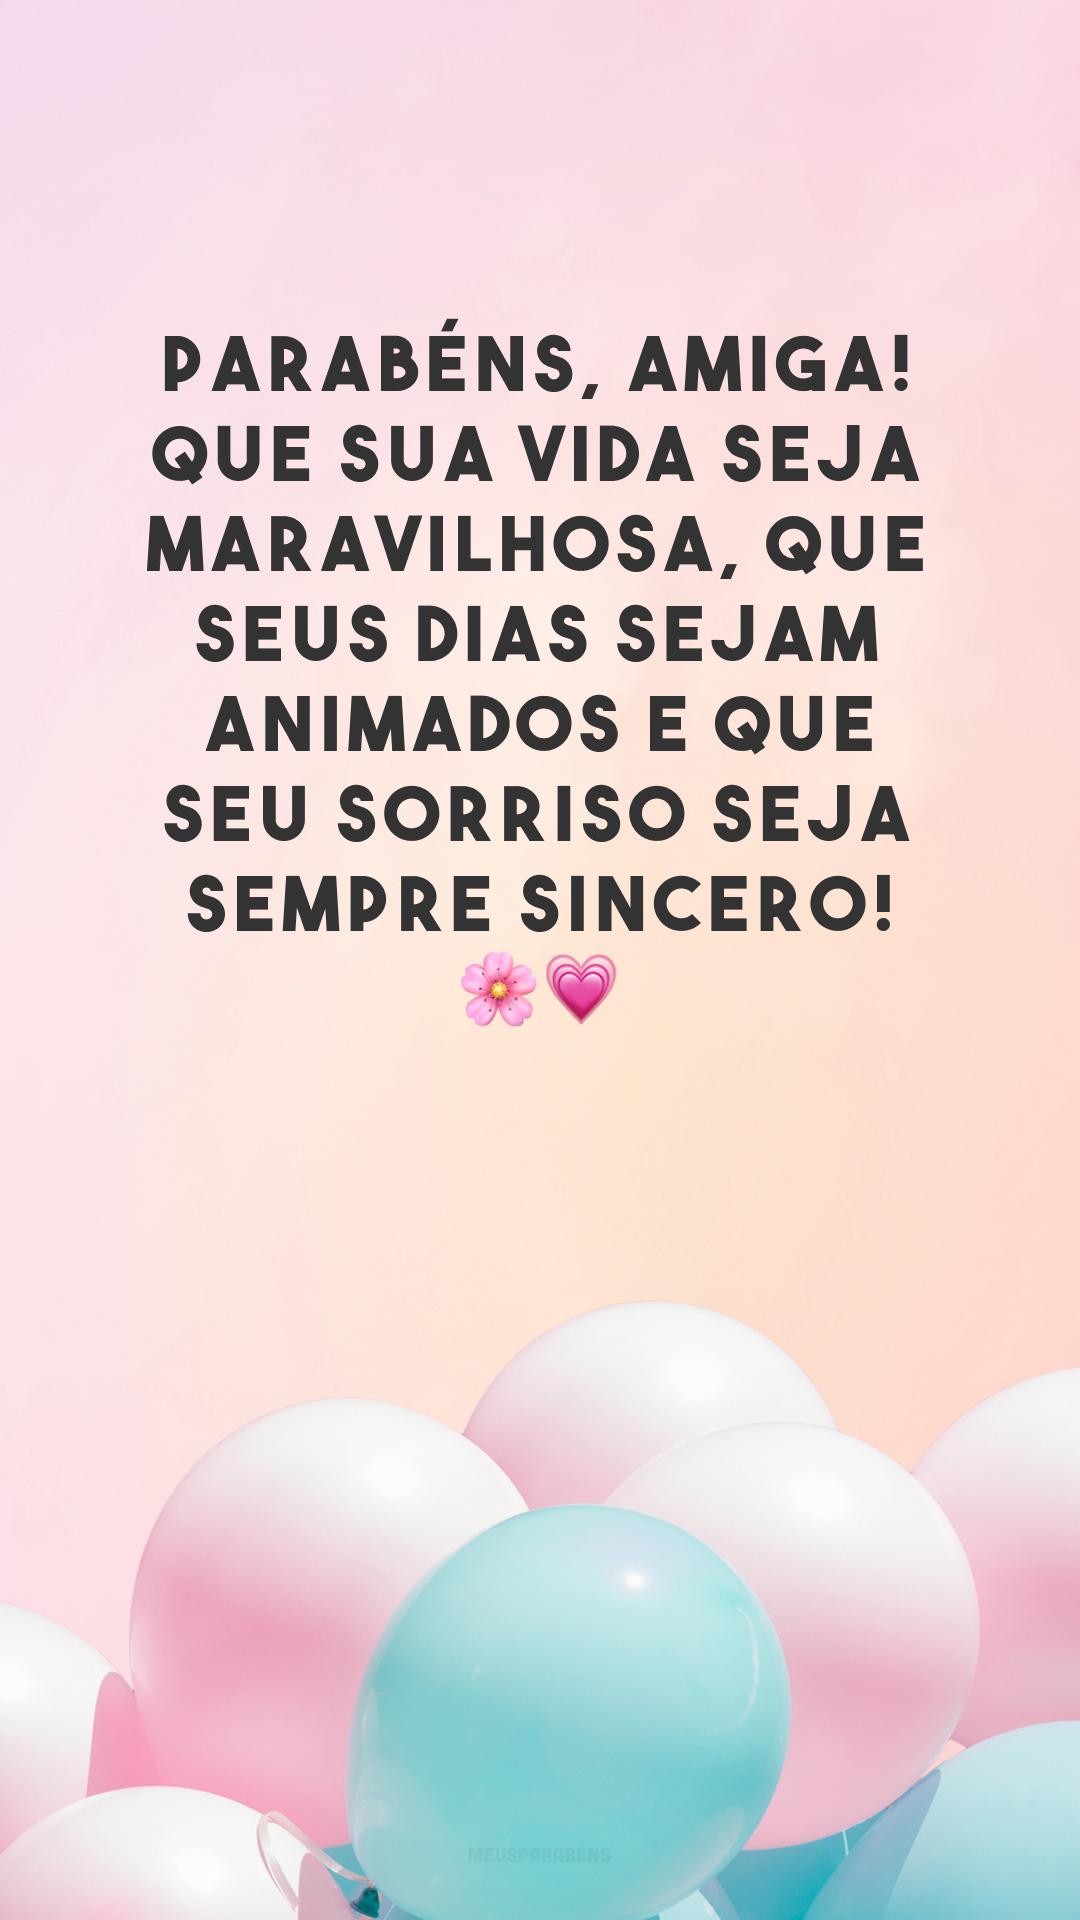 Parabéns, amiga! Que sua vida seja maravilhosa, que seus dias sejam animados e que seu sorriso seja sempre sincero! 🌸💗